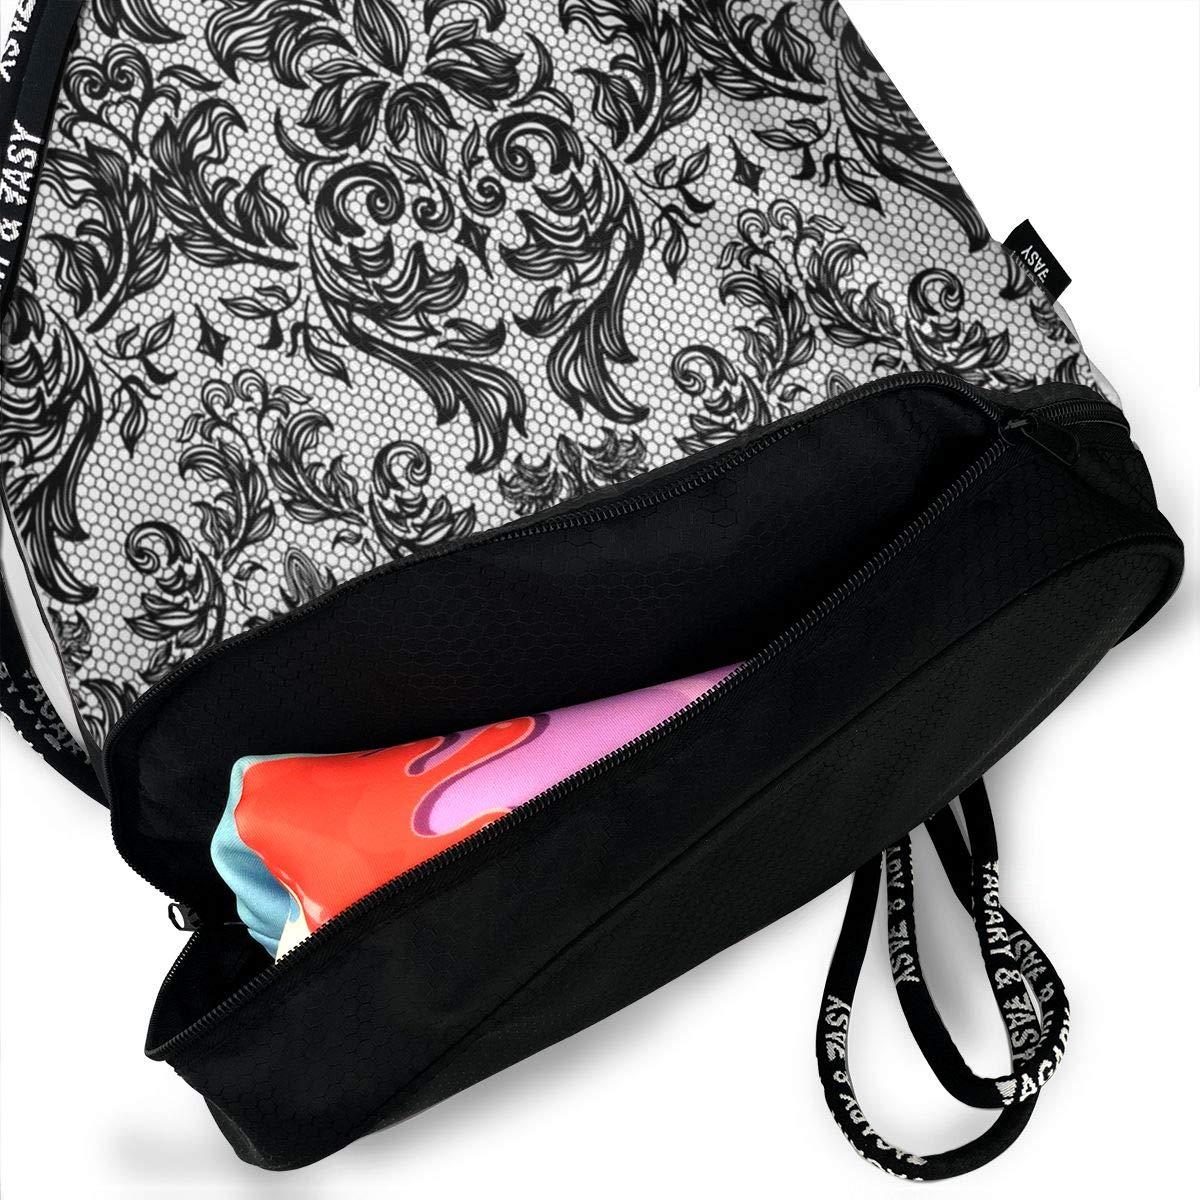 HUOPR5Q Black-Baroque Drawstring Backpack Sport Gym Sack Shoulder Bulk Bag Dance Bag for School Travel